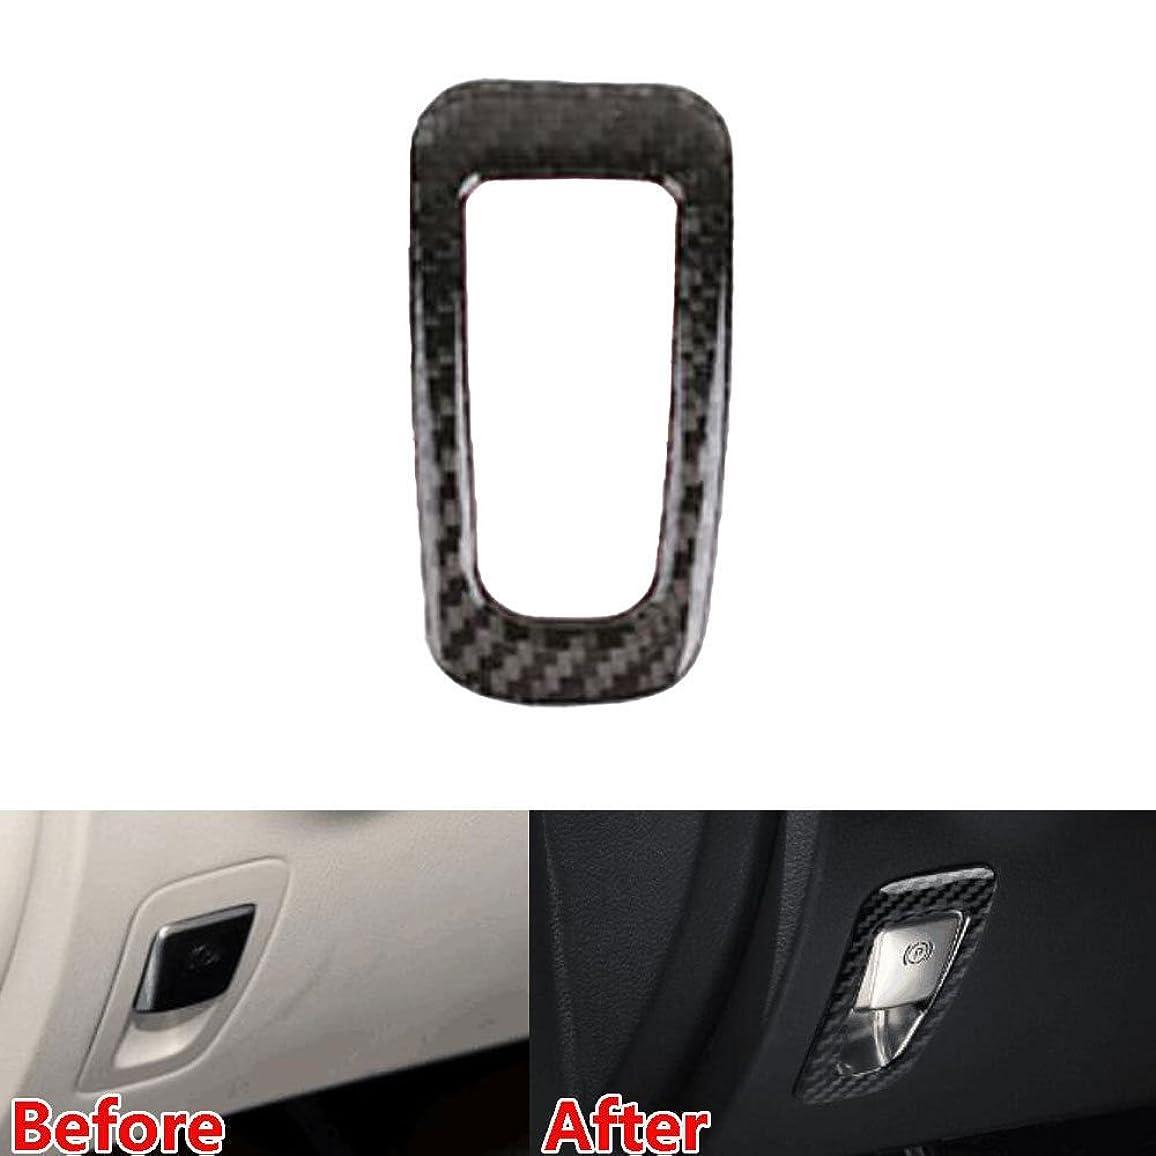 投獄貨物不可能なJicorzo - Car Electronic Handbrake Frame Cover Trim Decor Interior Car-Styling Sticker For Mercedes Benz GLA Class 2016 17 Car Accessories